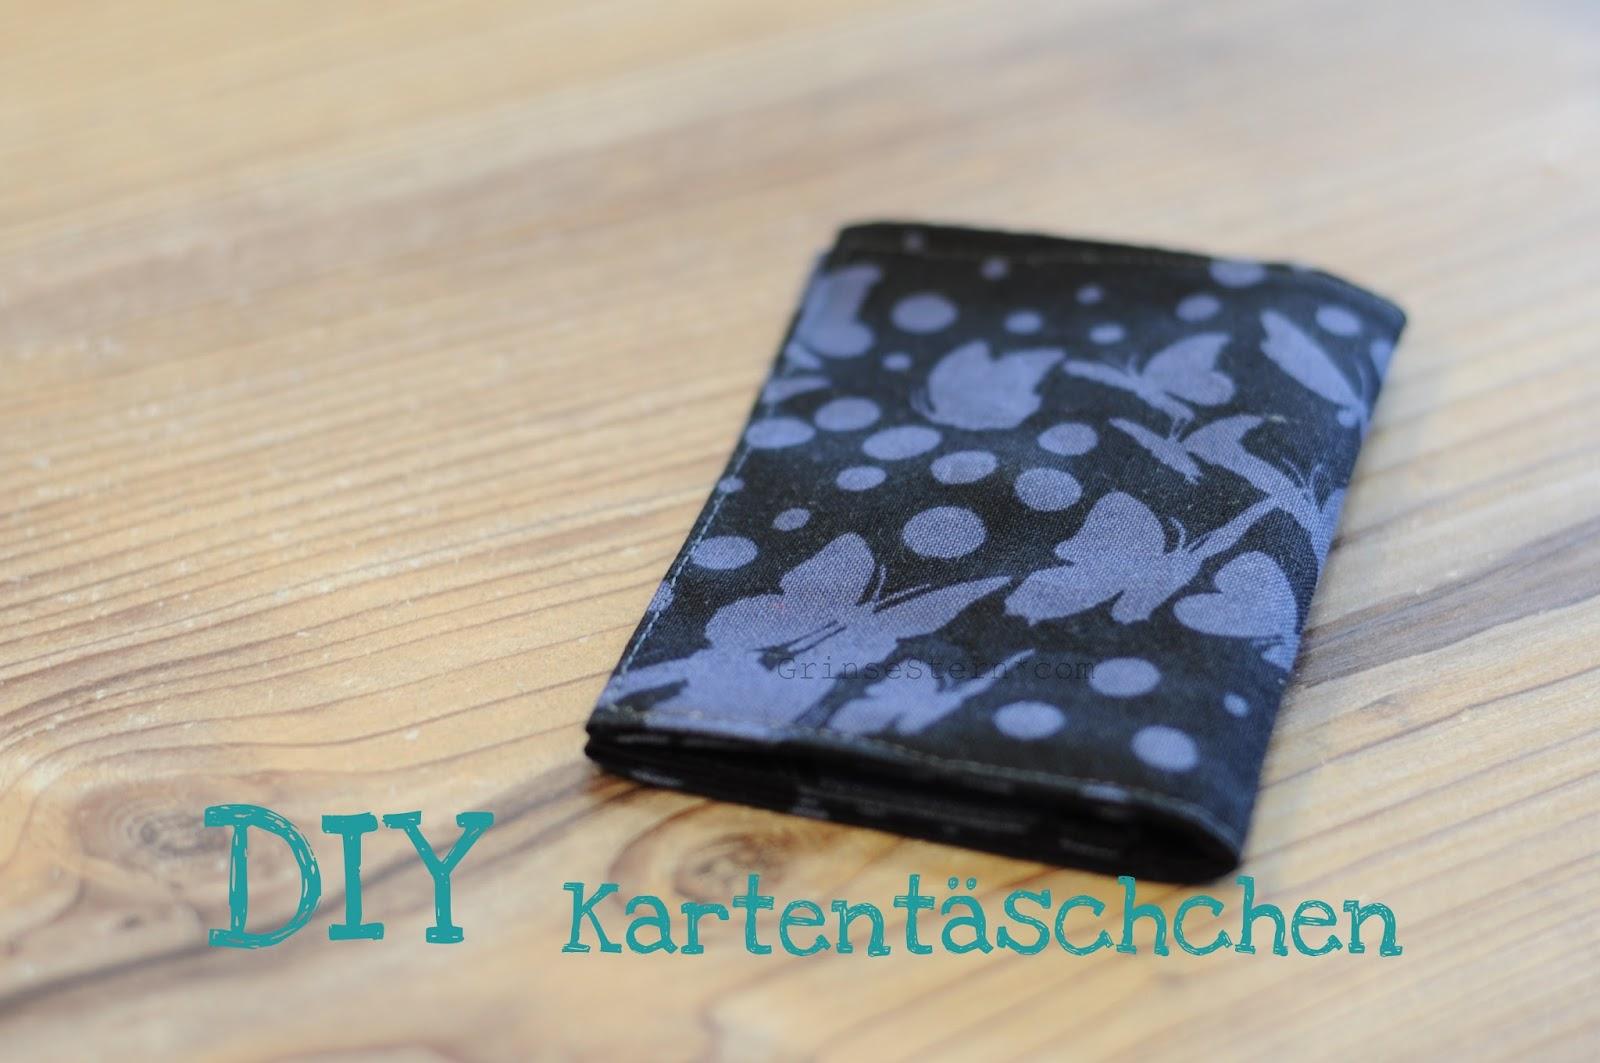 http://www.grinsestern.com/2014/12/kartentaschchen-diy.html